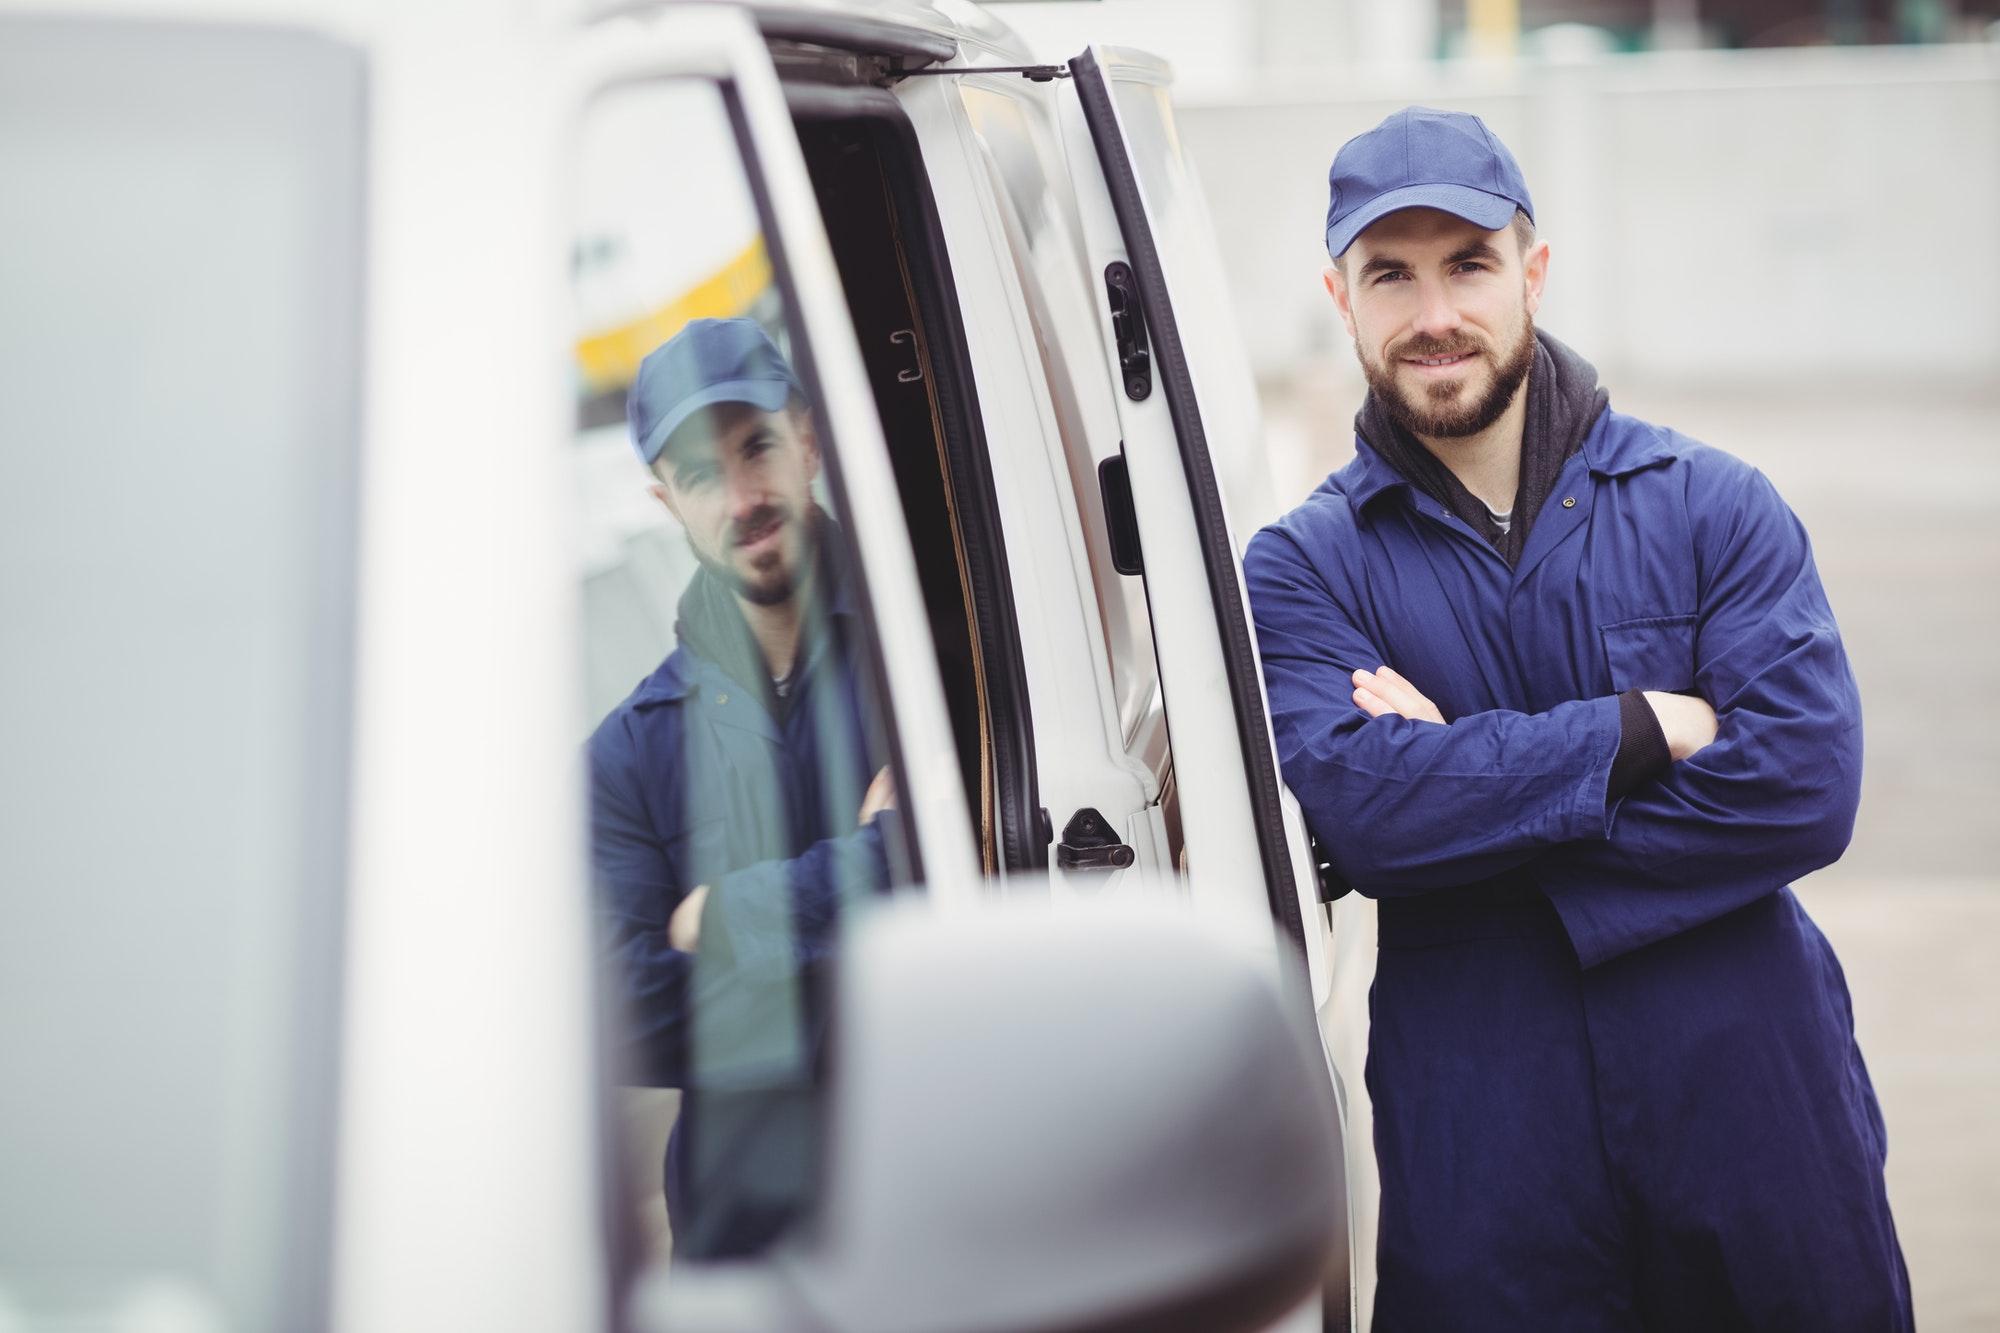 Repairman with arms crossed leaning against his van